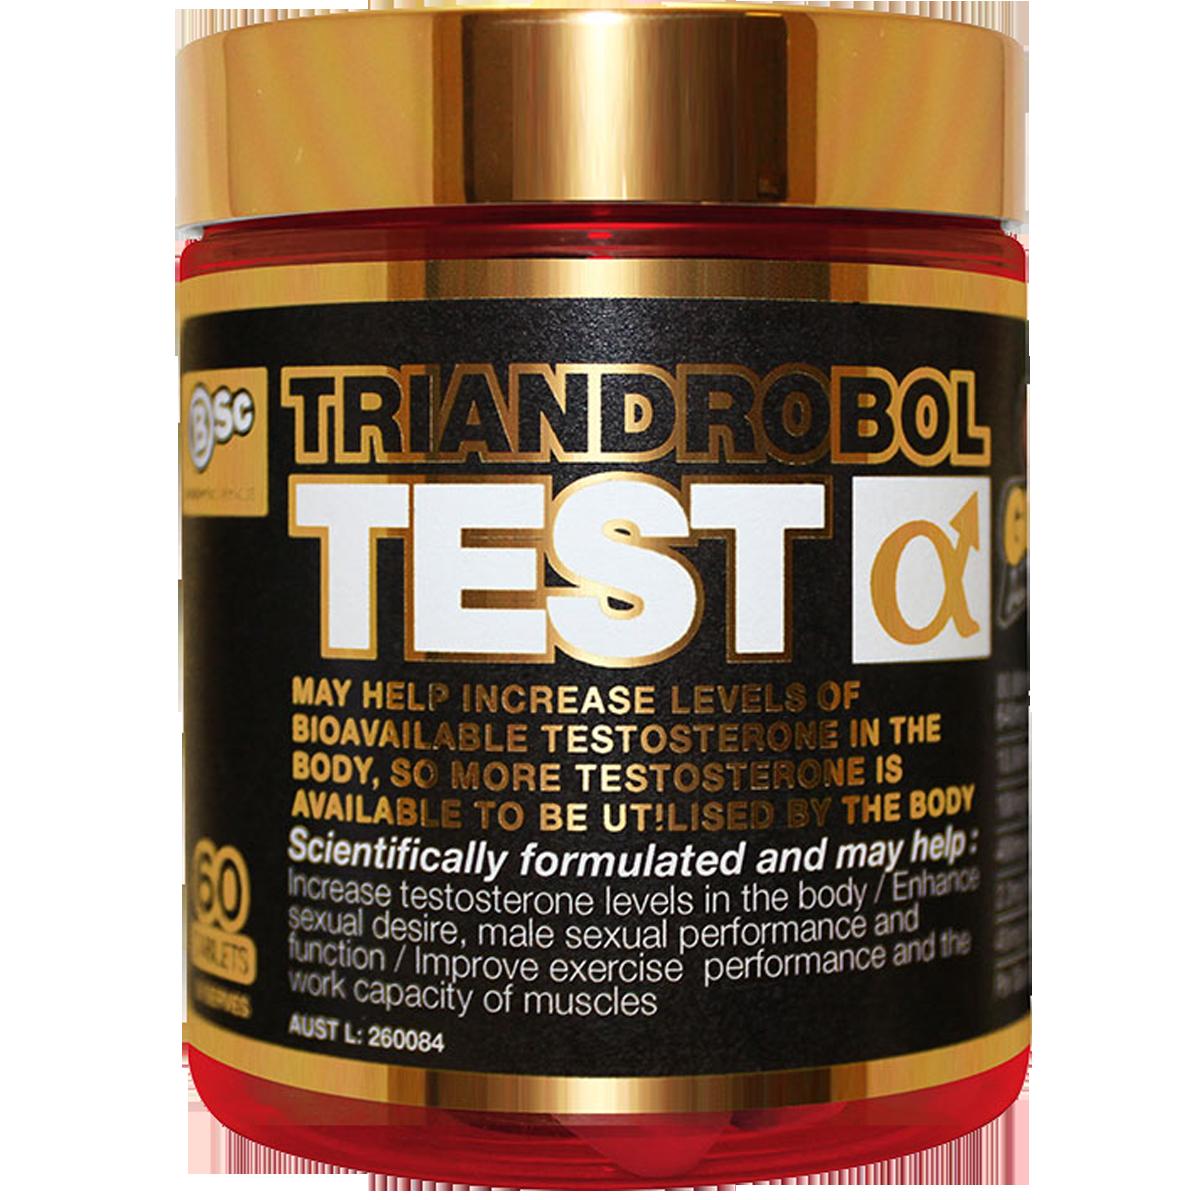 BSC Triandrobol Test